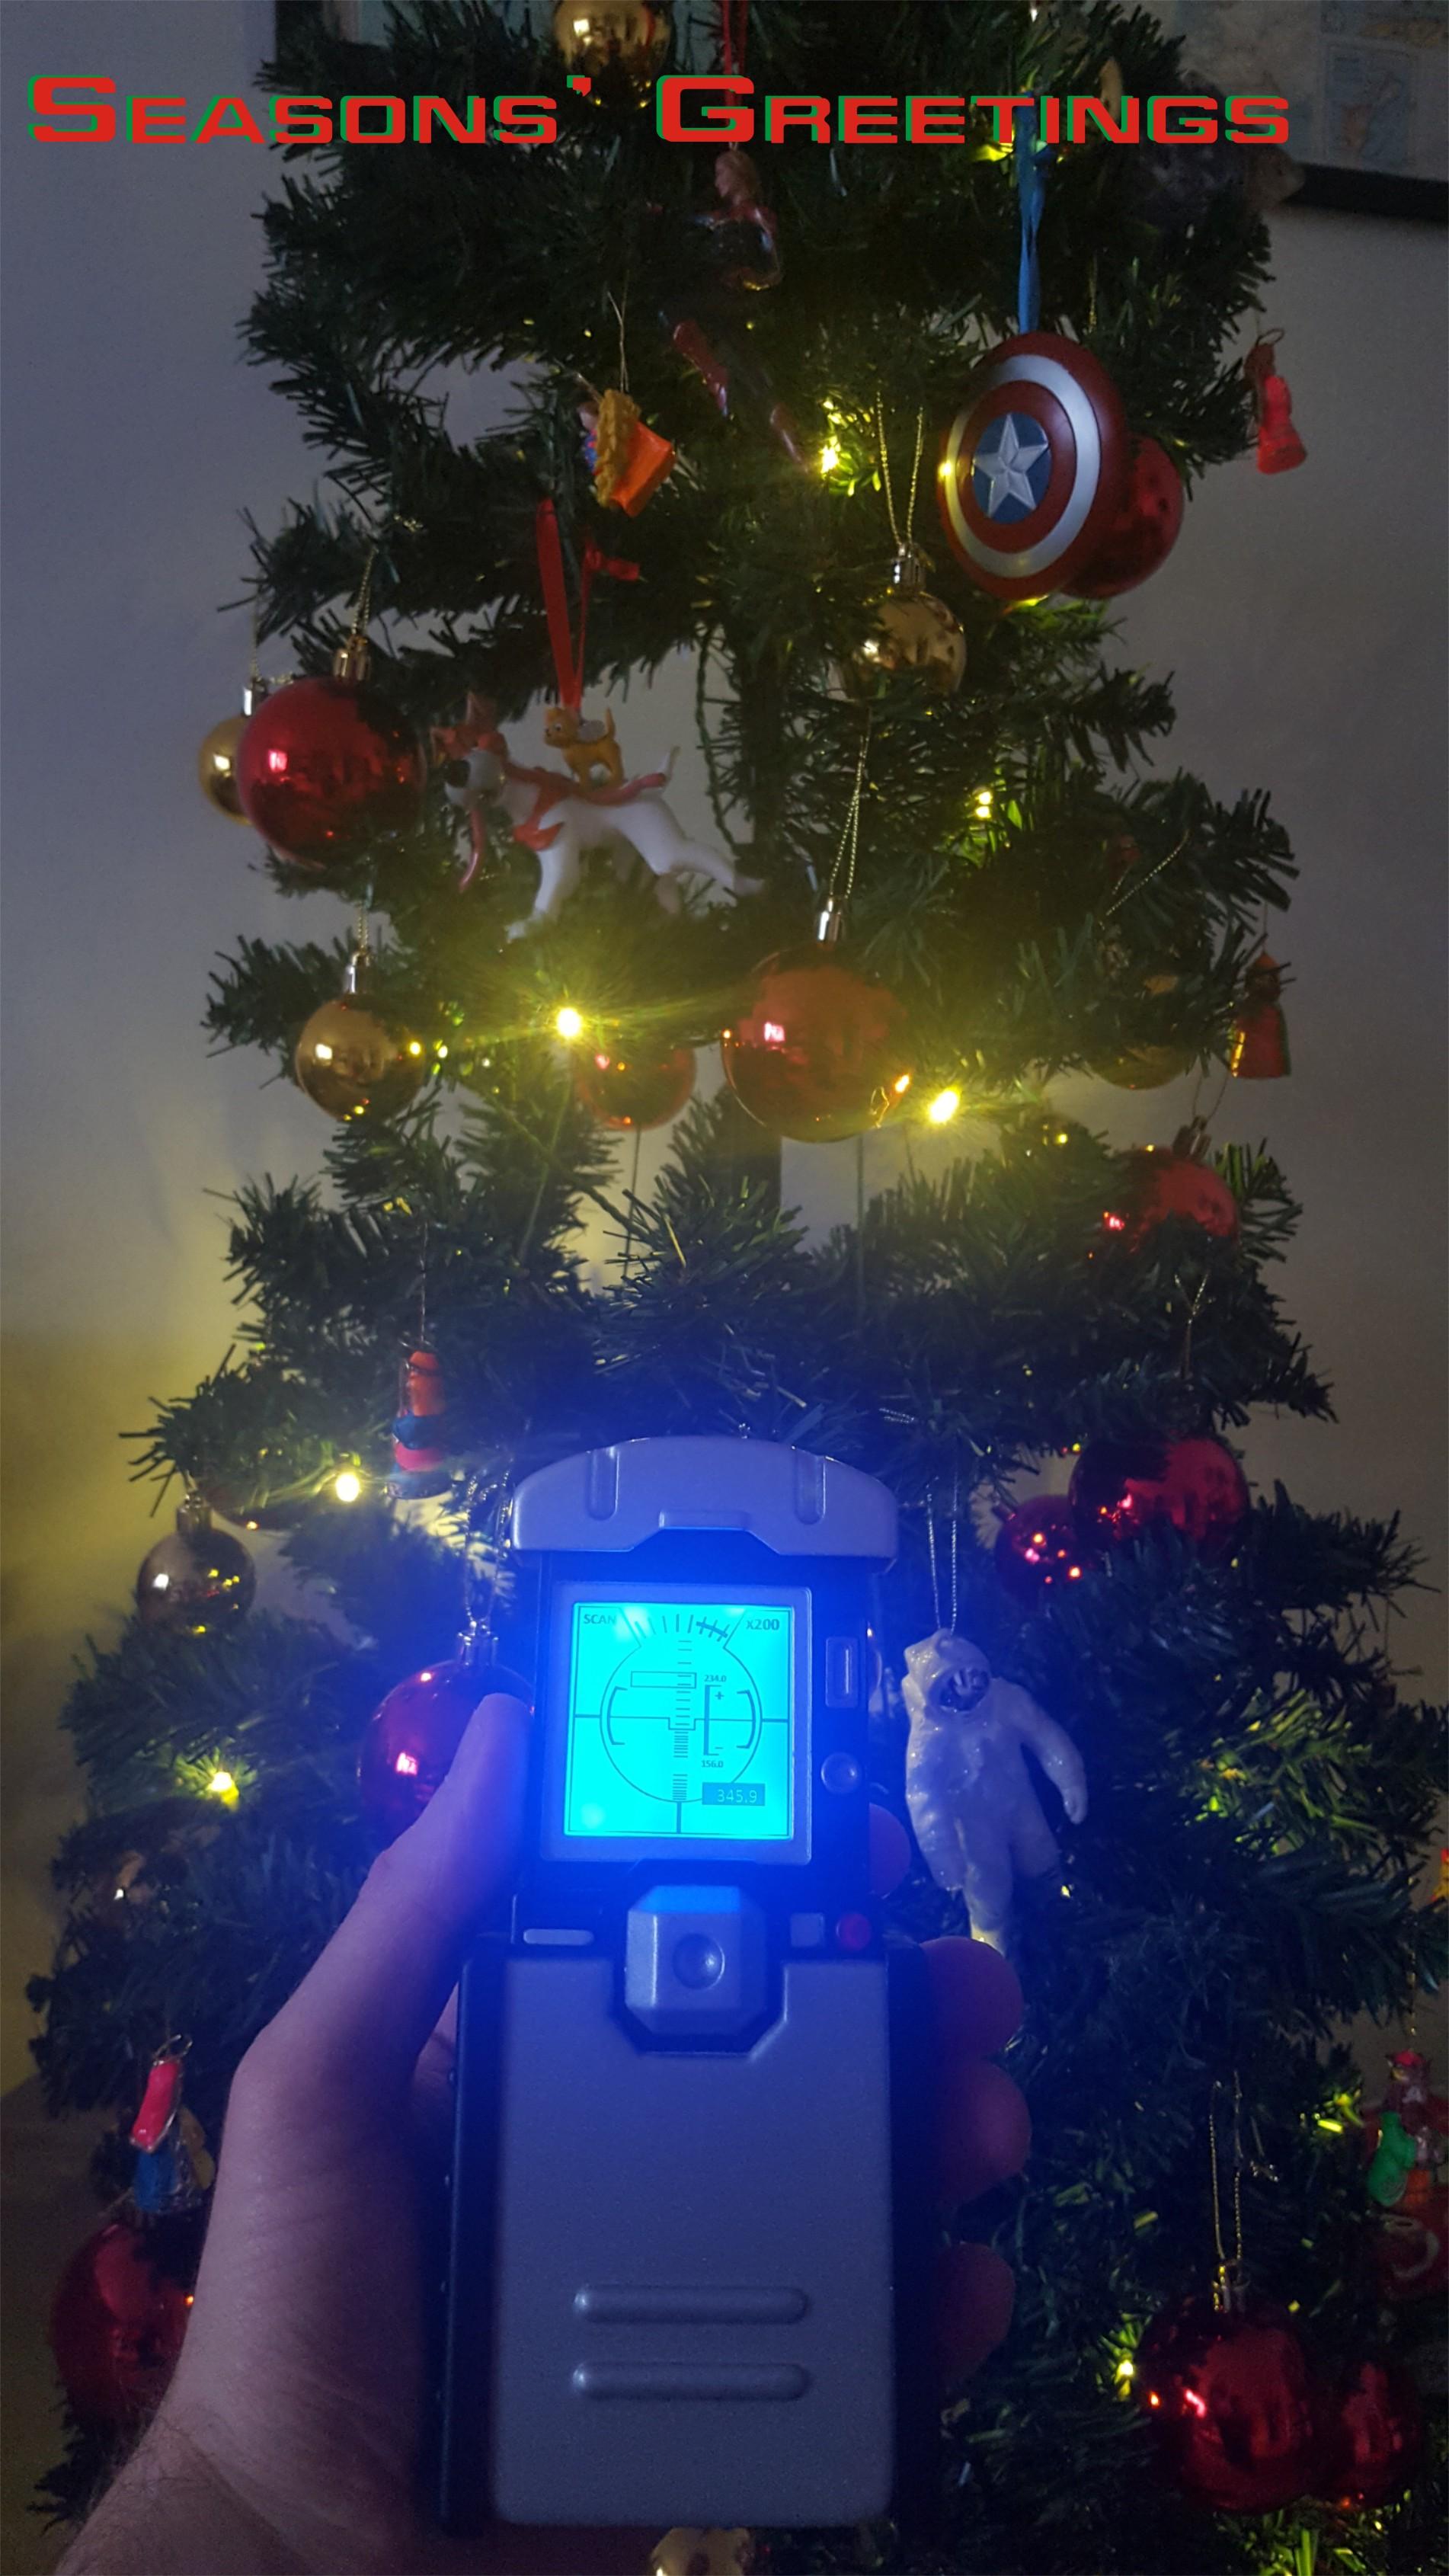 Enterprise-Hand-Scanner-Christmas-Treet.jpg